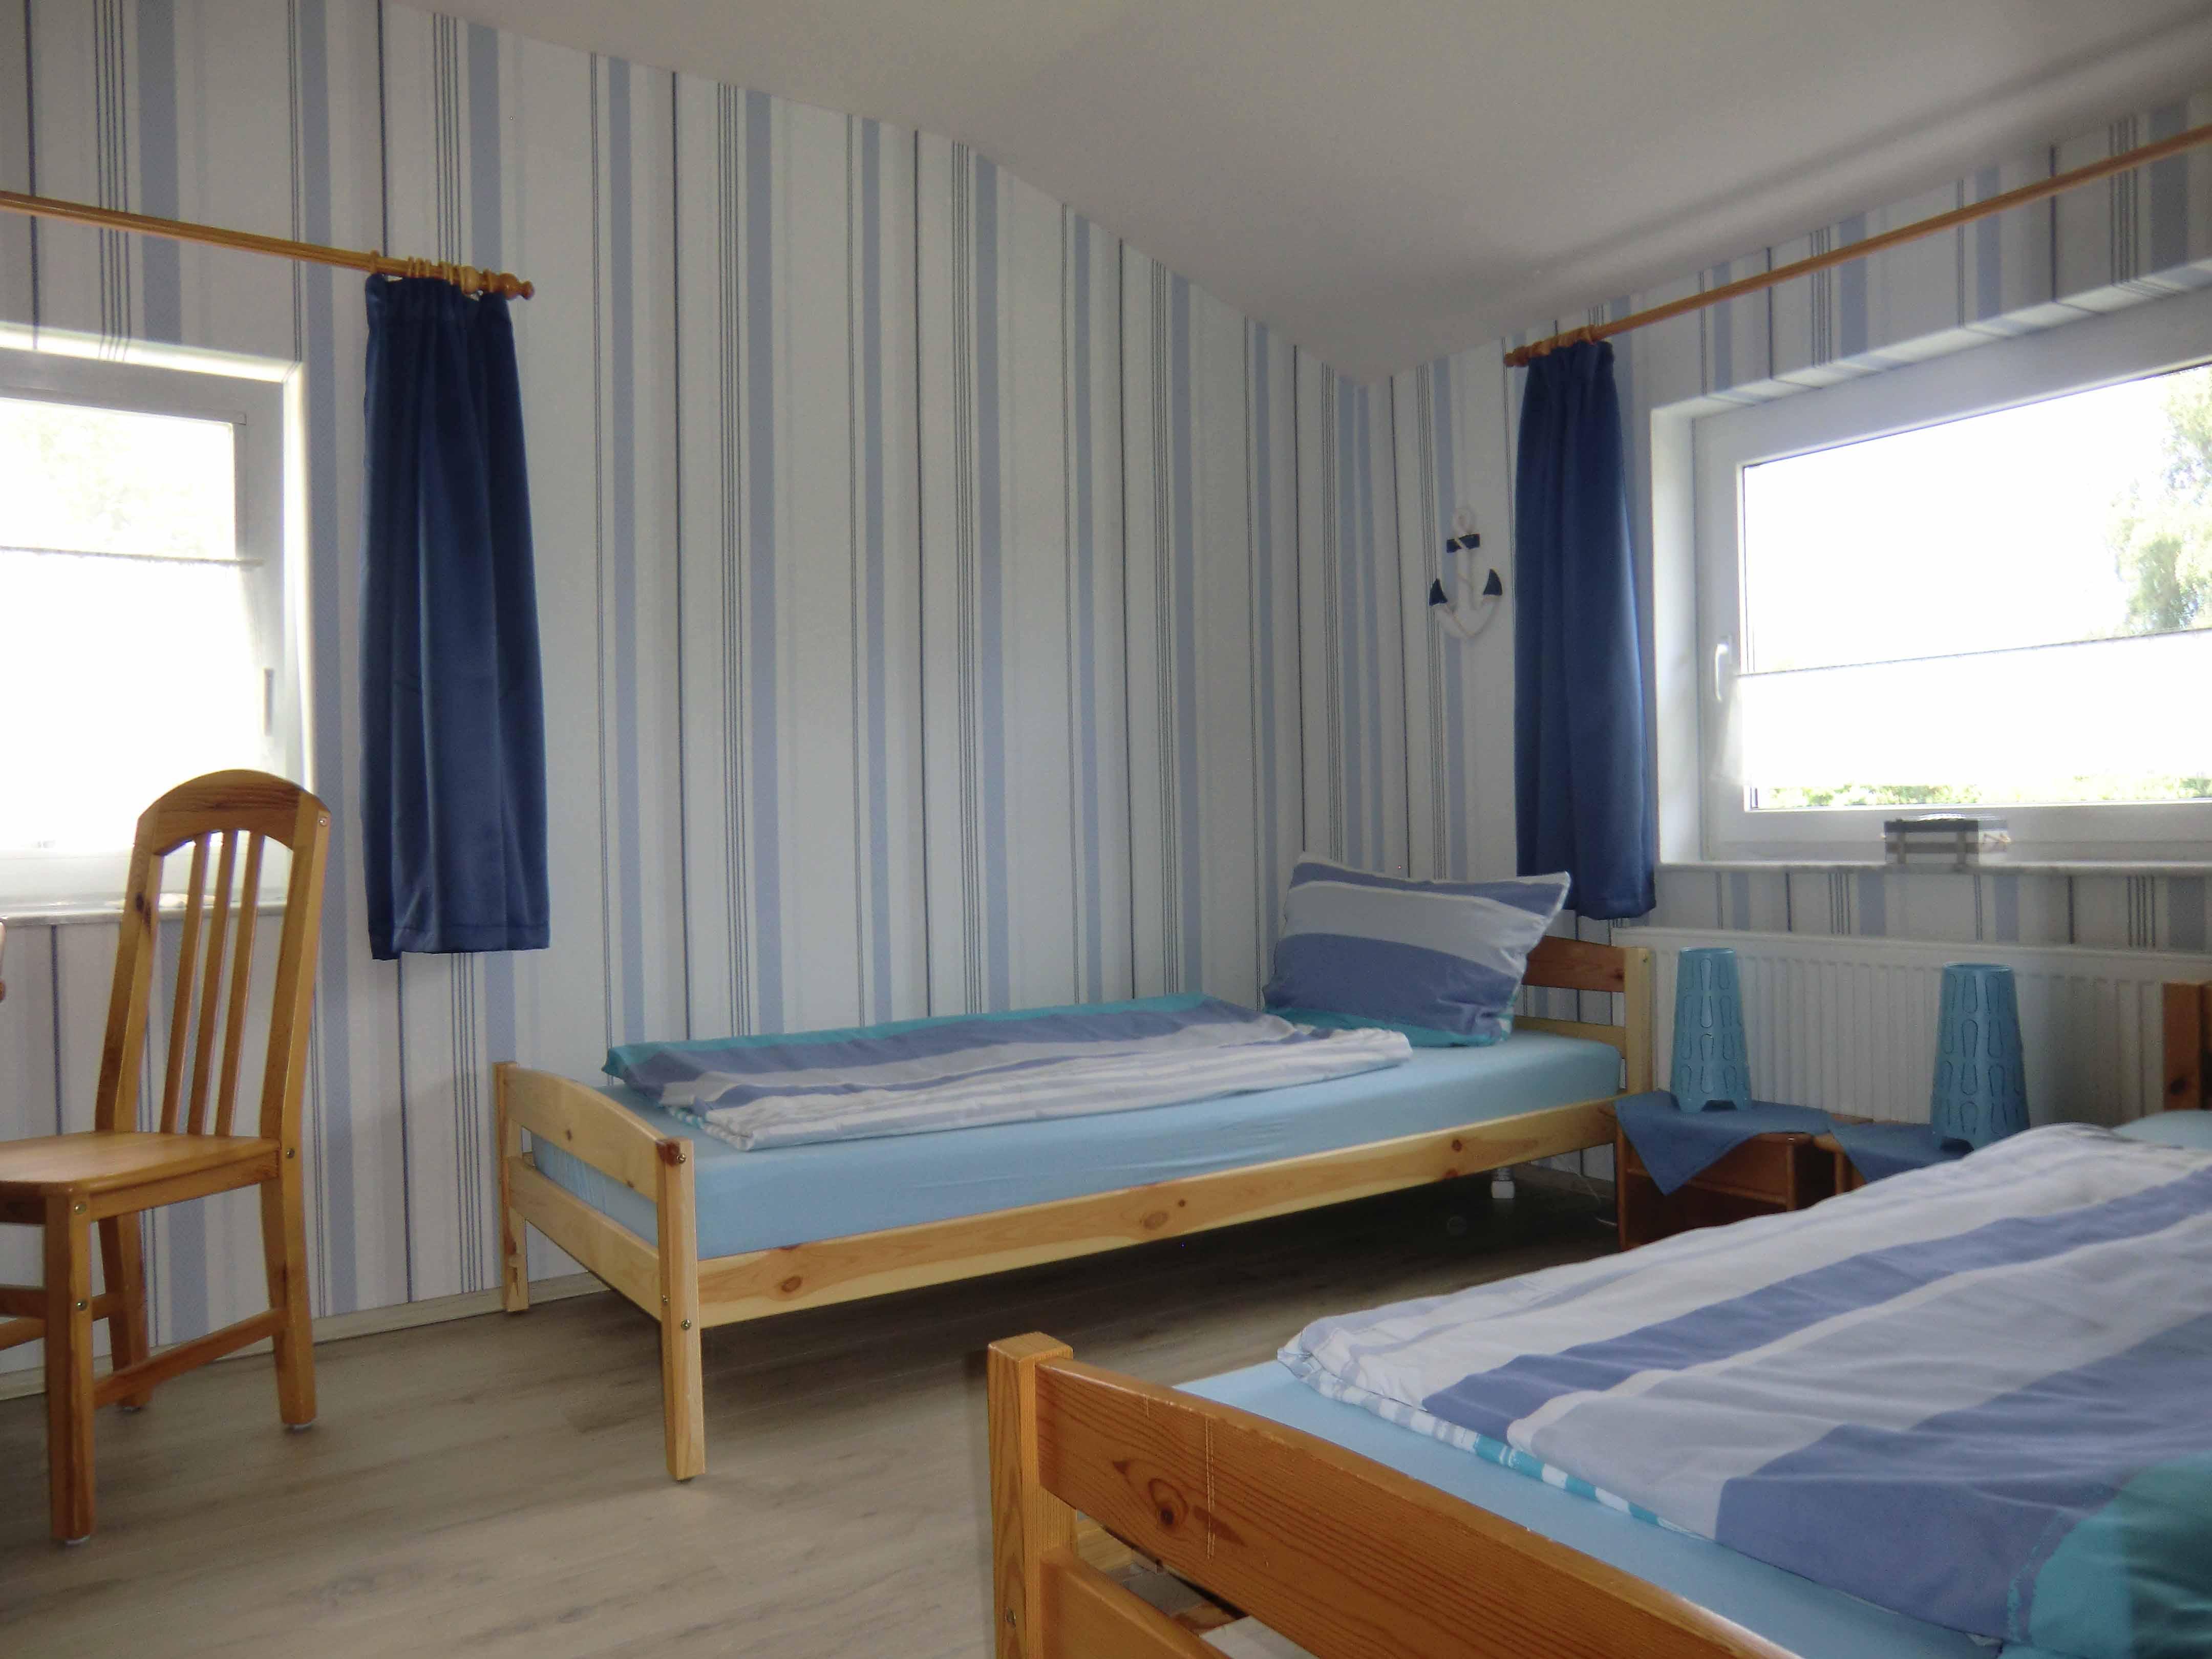 DG_Schlafzimmer2_web